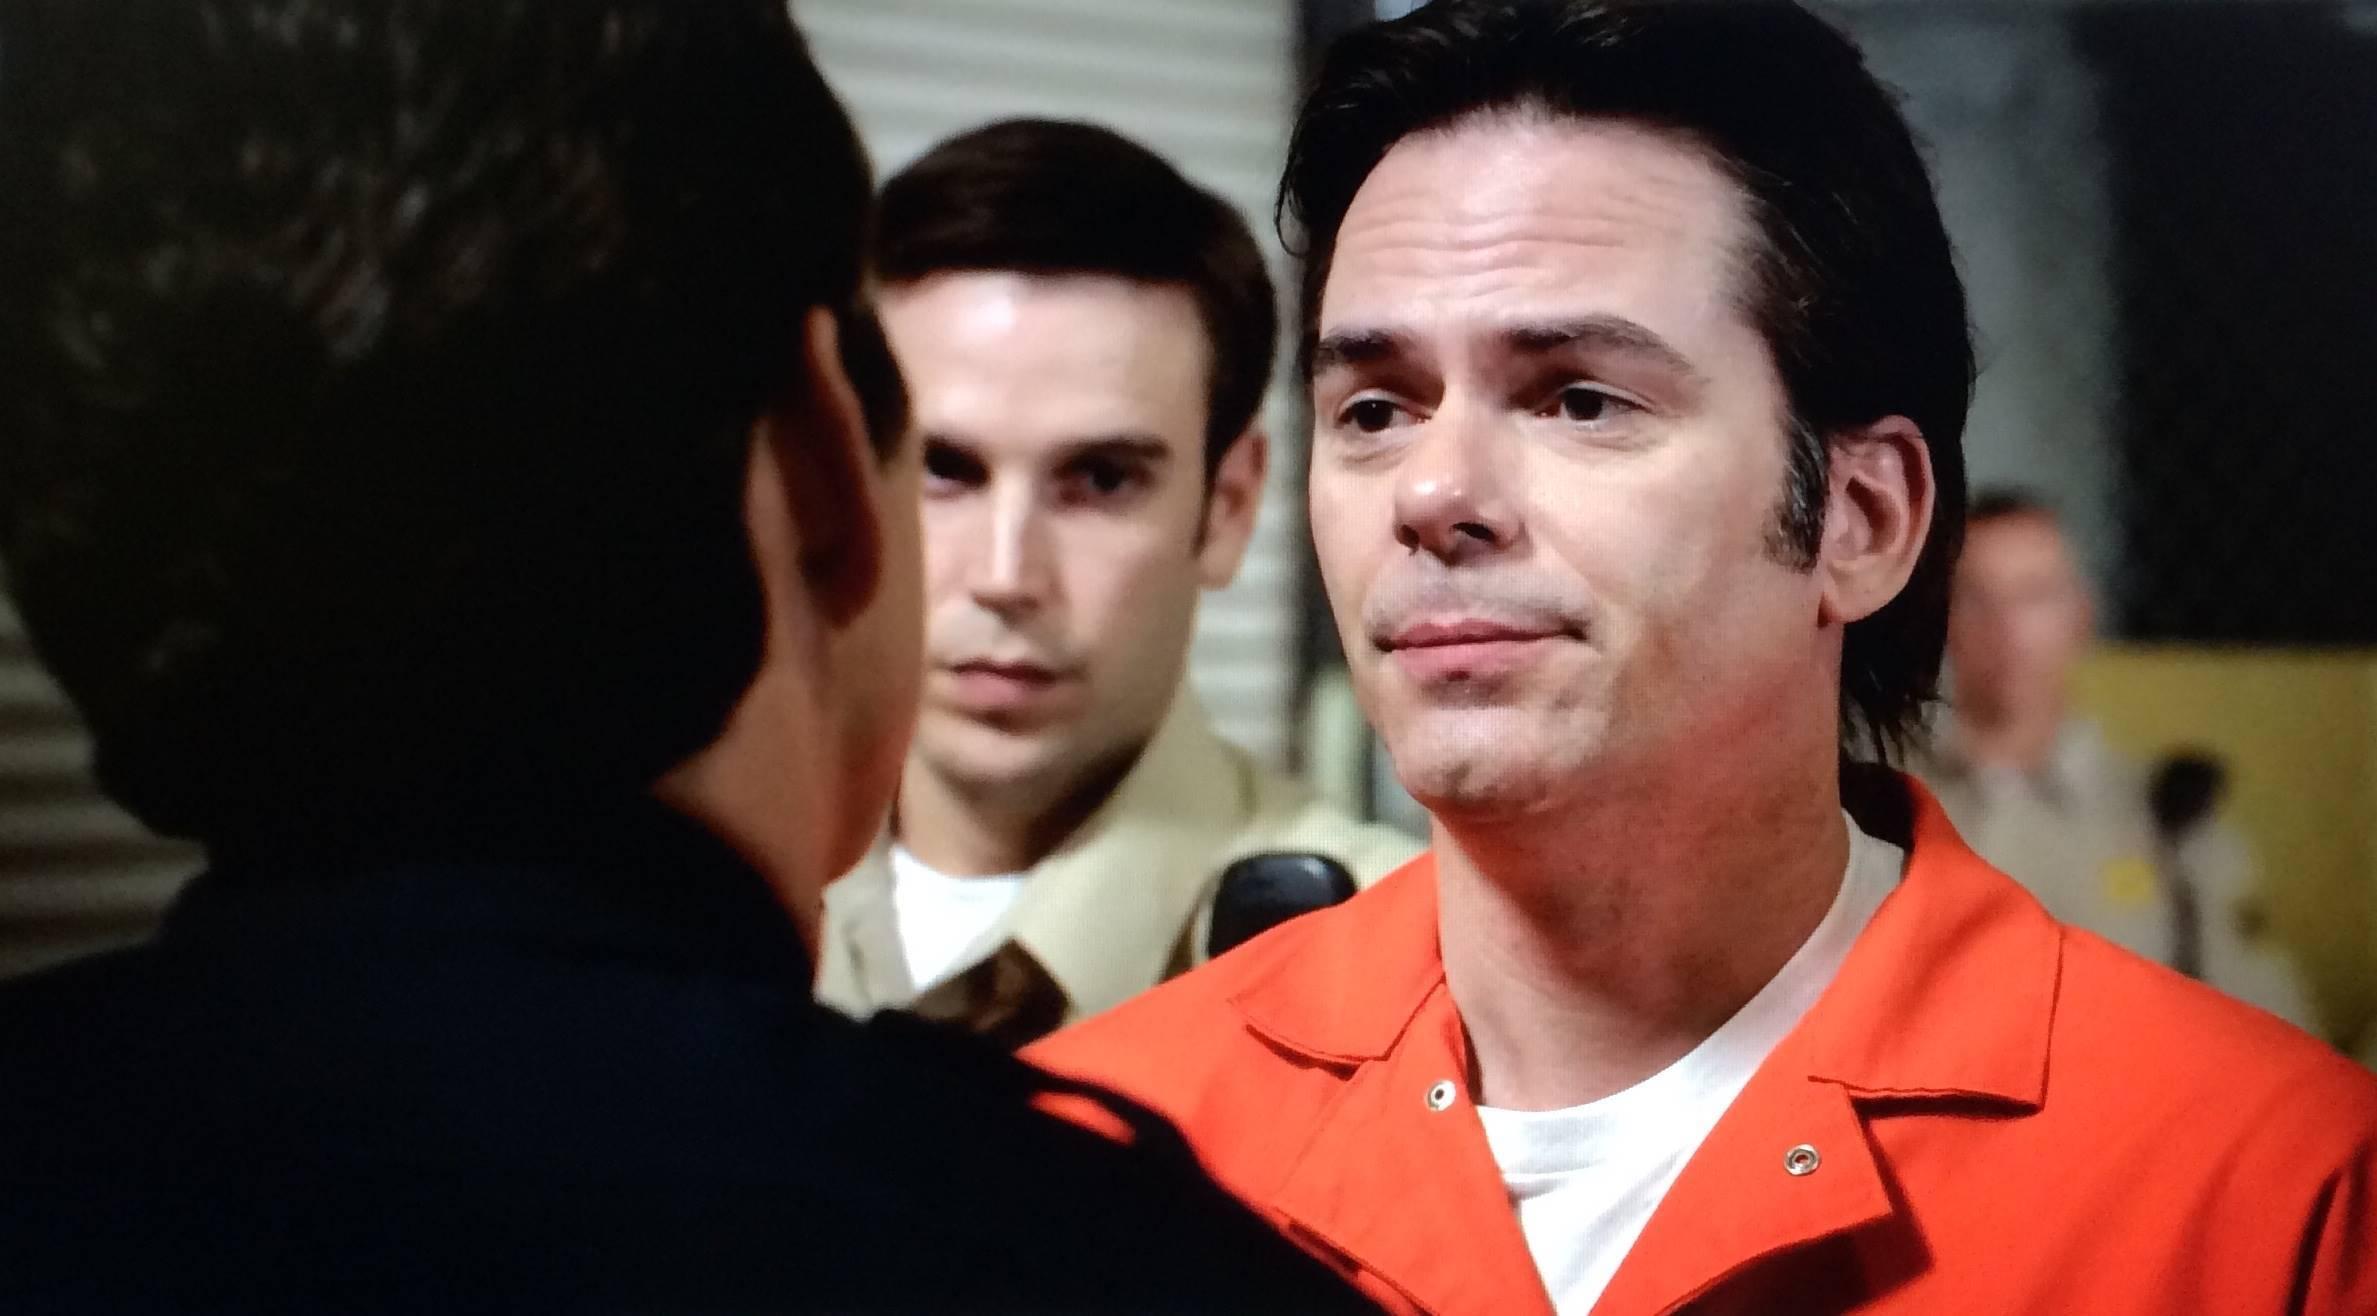 """Billy Burke, ator que interpretou o chefe de polícia Charlie Swan, pai da protagonista da Saga Crepúsculo, tem uma longa lista de trabalhos em seu currículo, tanto para o cinema quanto para a TV. Entre eles """"Fúria Sobre Rodas"""" (2011), """"A Garota da Capa Vermelha"""" (2011) e """"Rota de Fuga"""" (2012). Além disso, ele fez uma participação também nas séries """"Divisão Criminal"""" (2005-2012), """"Revolution"""" (2012-2014), """"Zoo"""" (2015-2017) e """"Major Crimes"""" (2012-2018). (Foto: Divulgação)"""